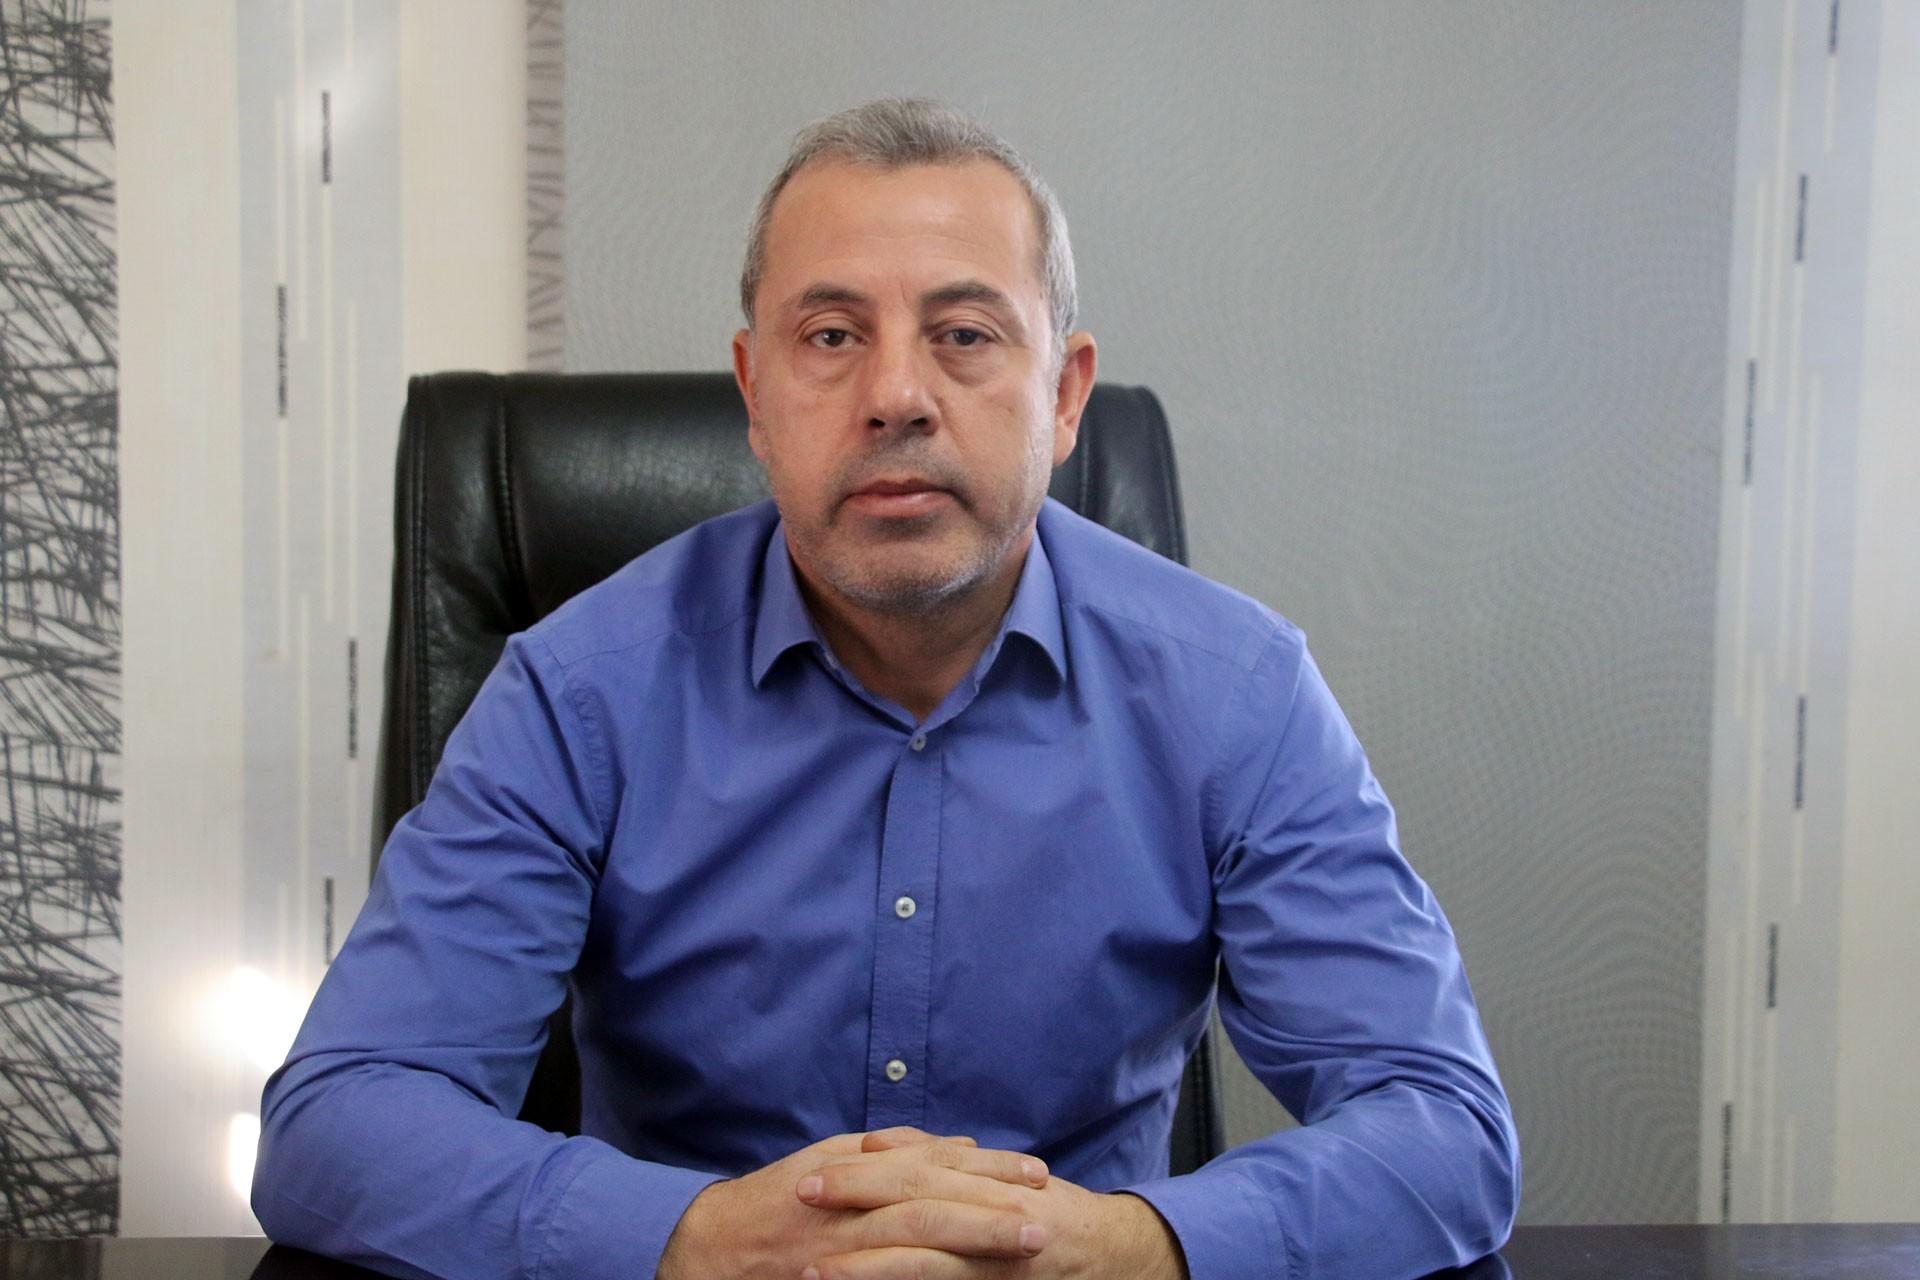 Mardin Baro Başkanı İsmail Elik masasında oturuyor.